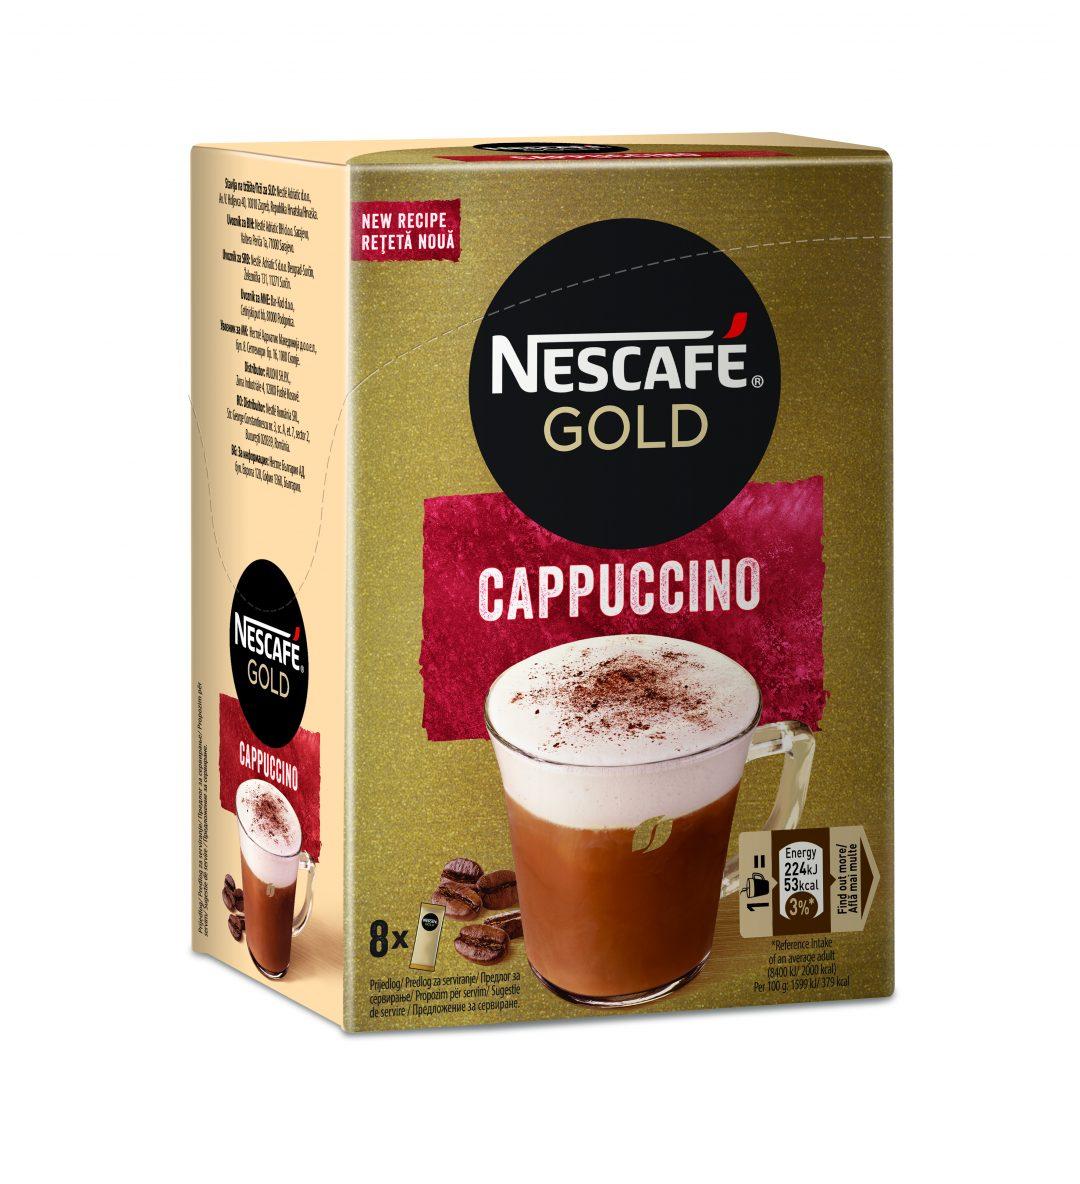 Nescafe-gold-cappuccino-2